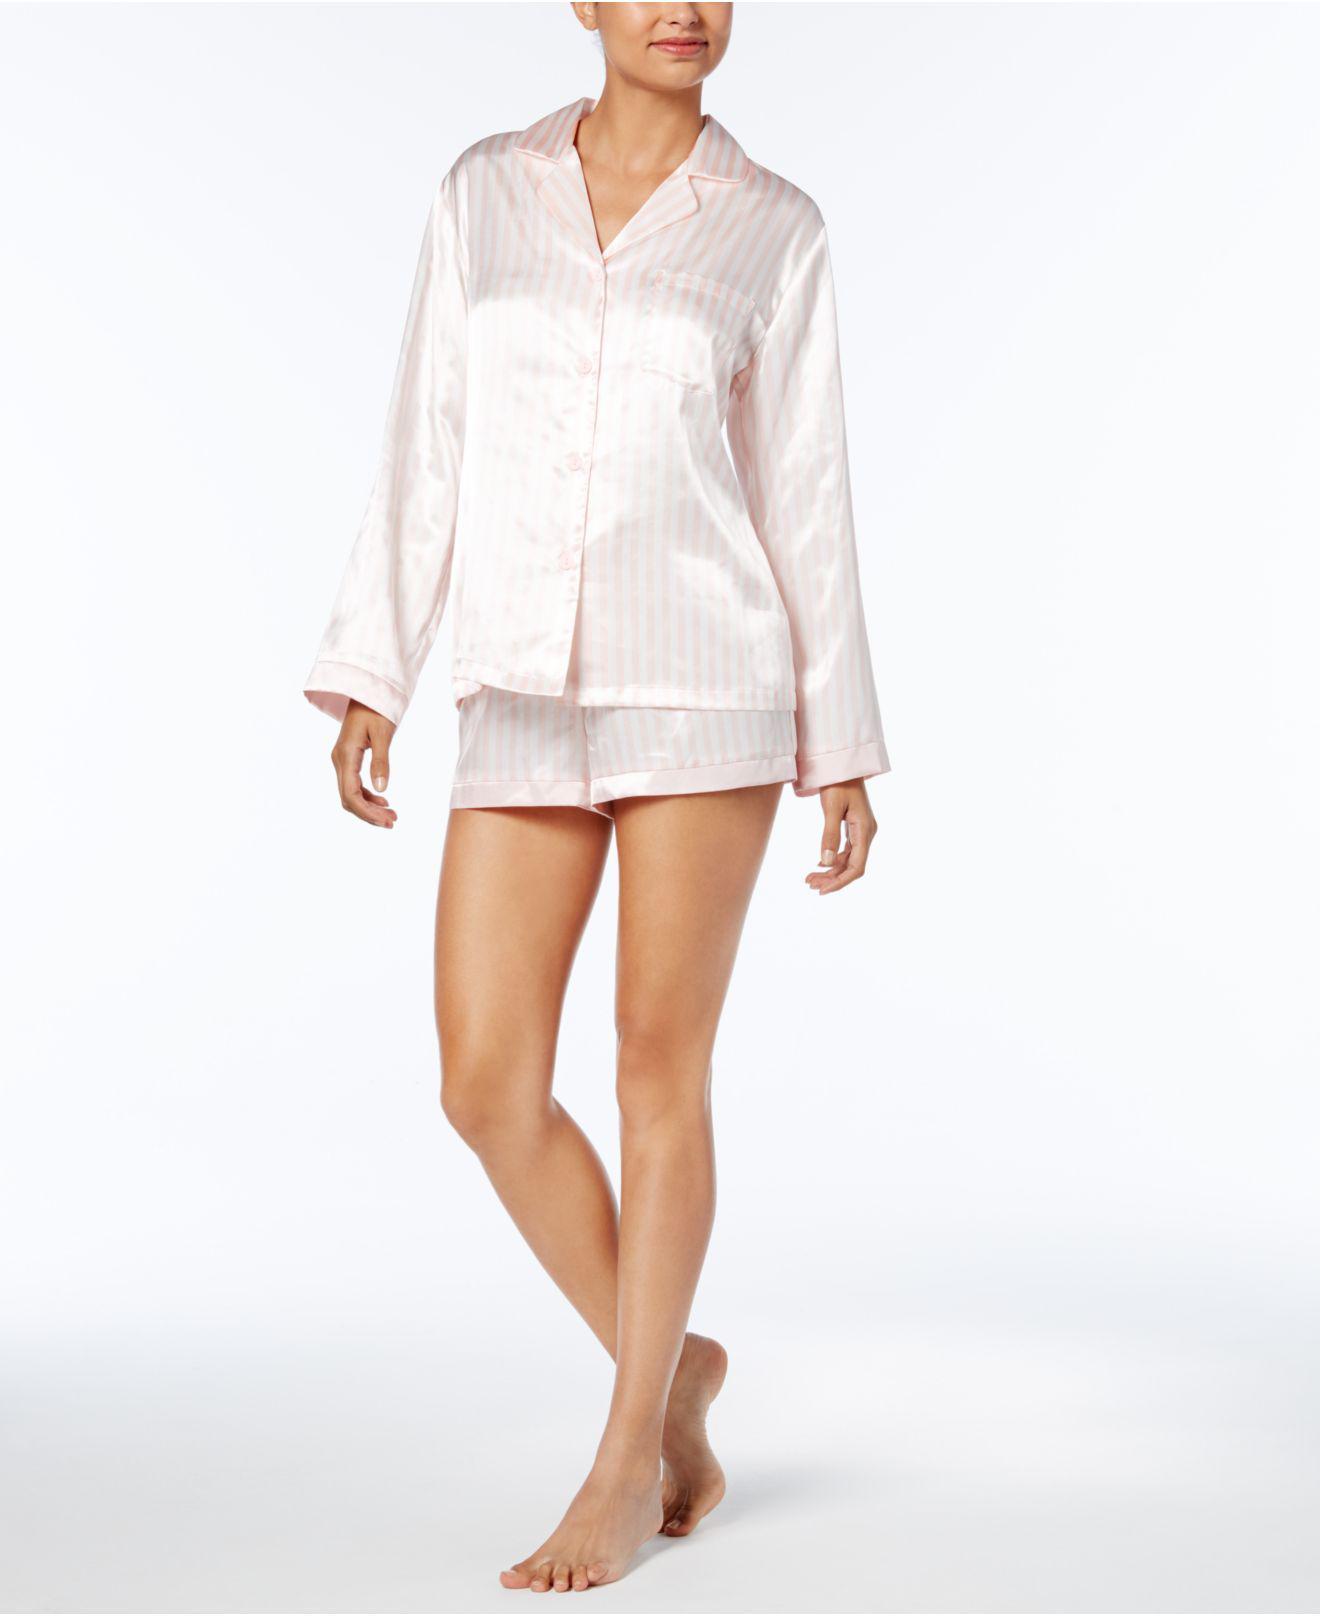 da1326ff72 Lyst - Linea Donatella Satin Pinstripe Pajama Set in White